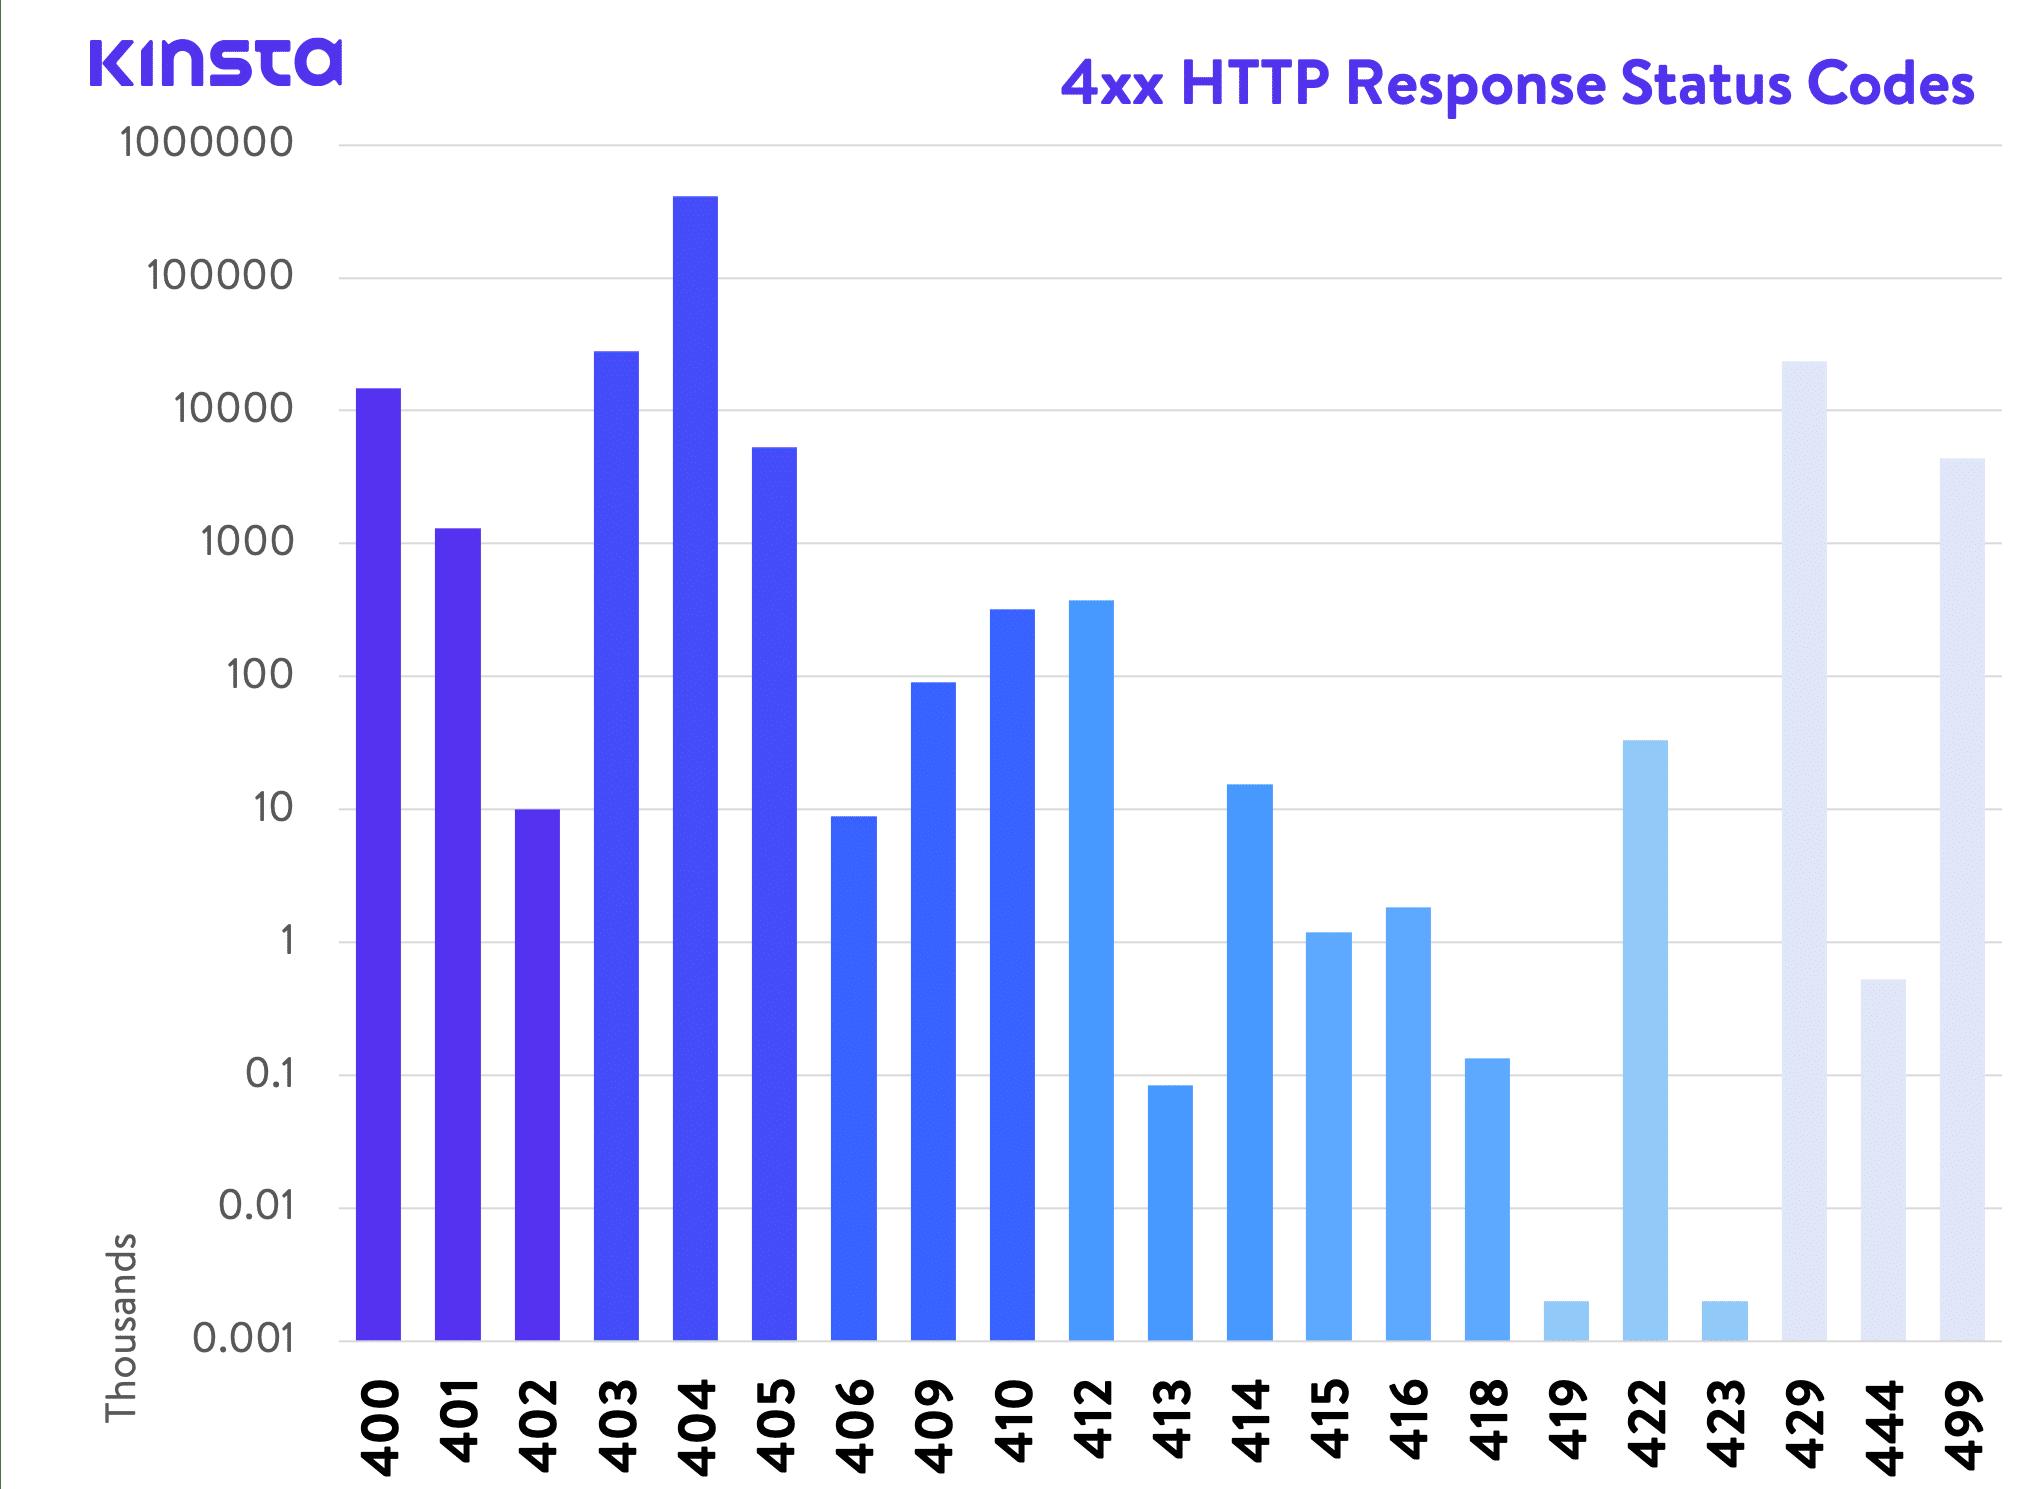 Codici stato risposta HTTP 4xx